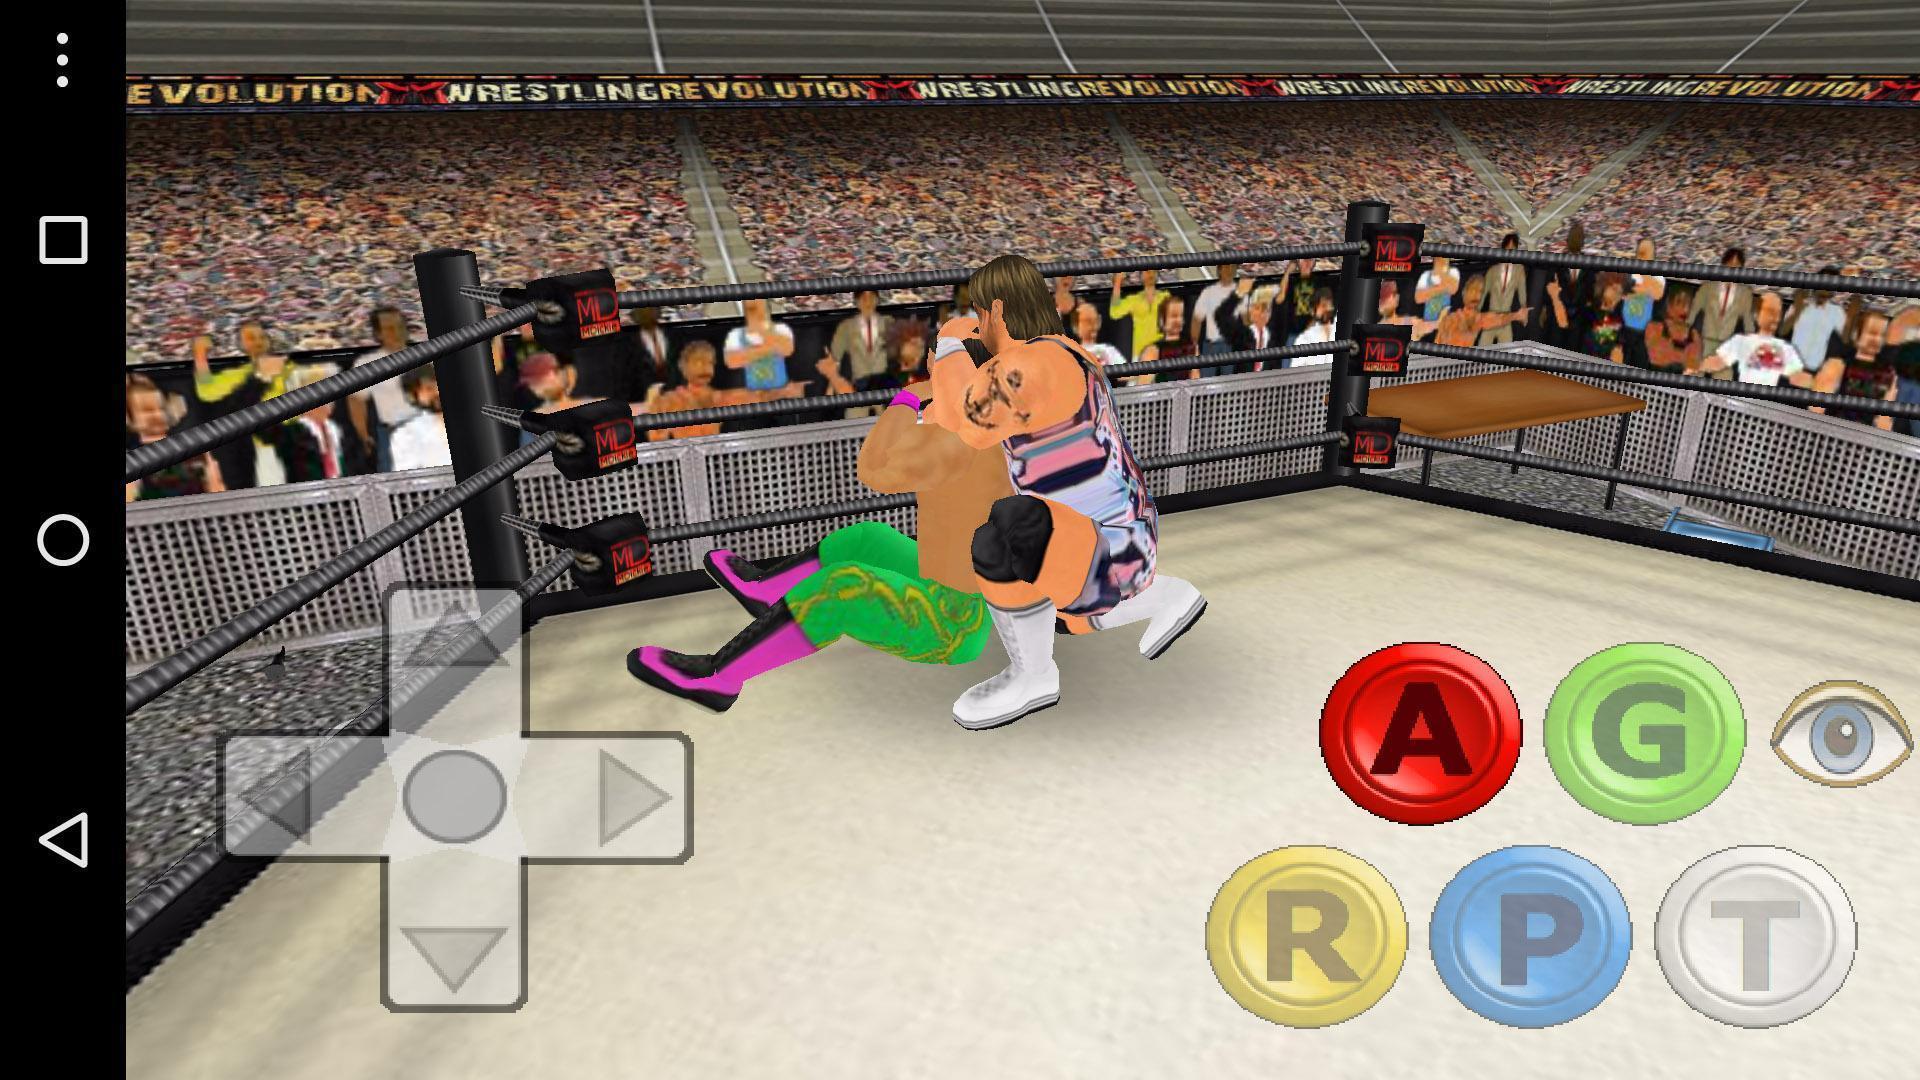 Wrestling Revolution 3D Full Review - Play Games Like